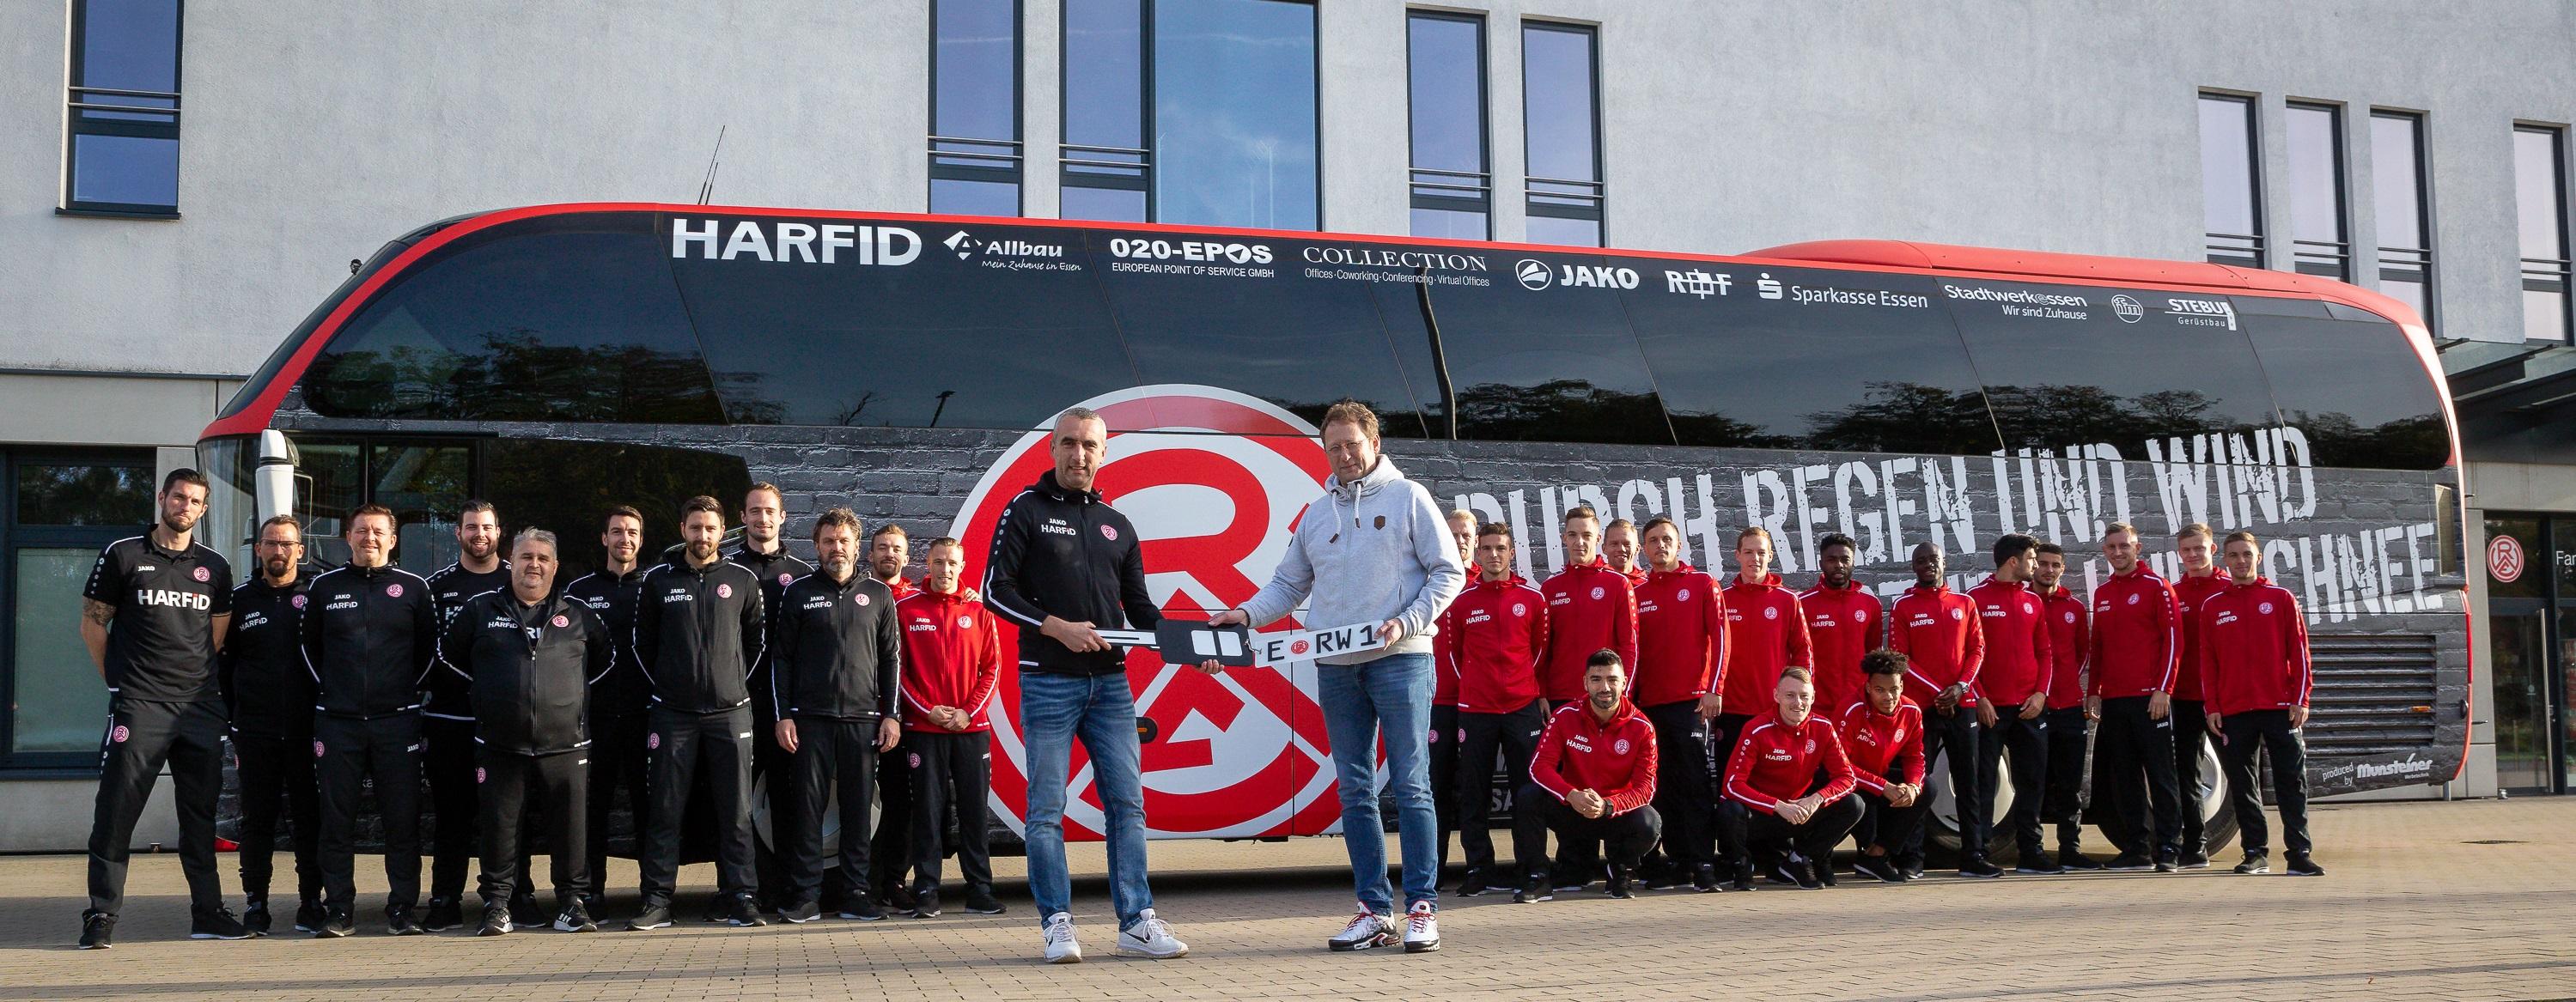 Die 1. Mannschaft reist ab sofort mit einem Bus im RWE-Design zu ihren Auswärtsspielen. (Foto: Endberg)